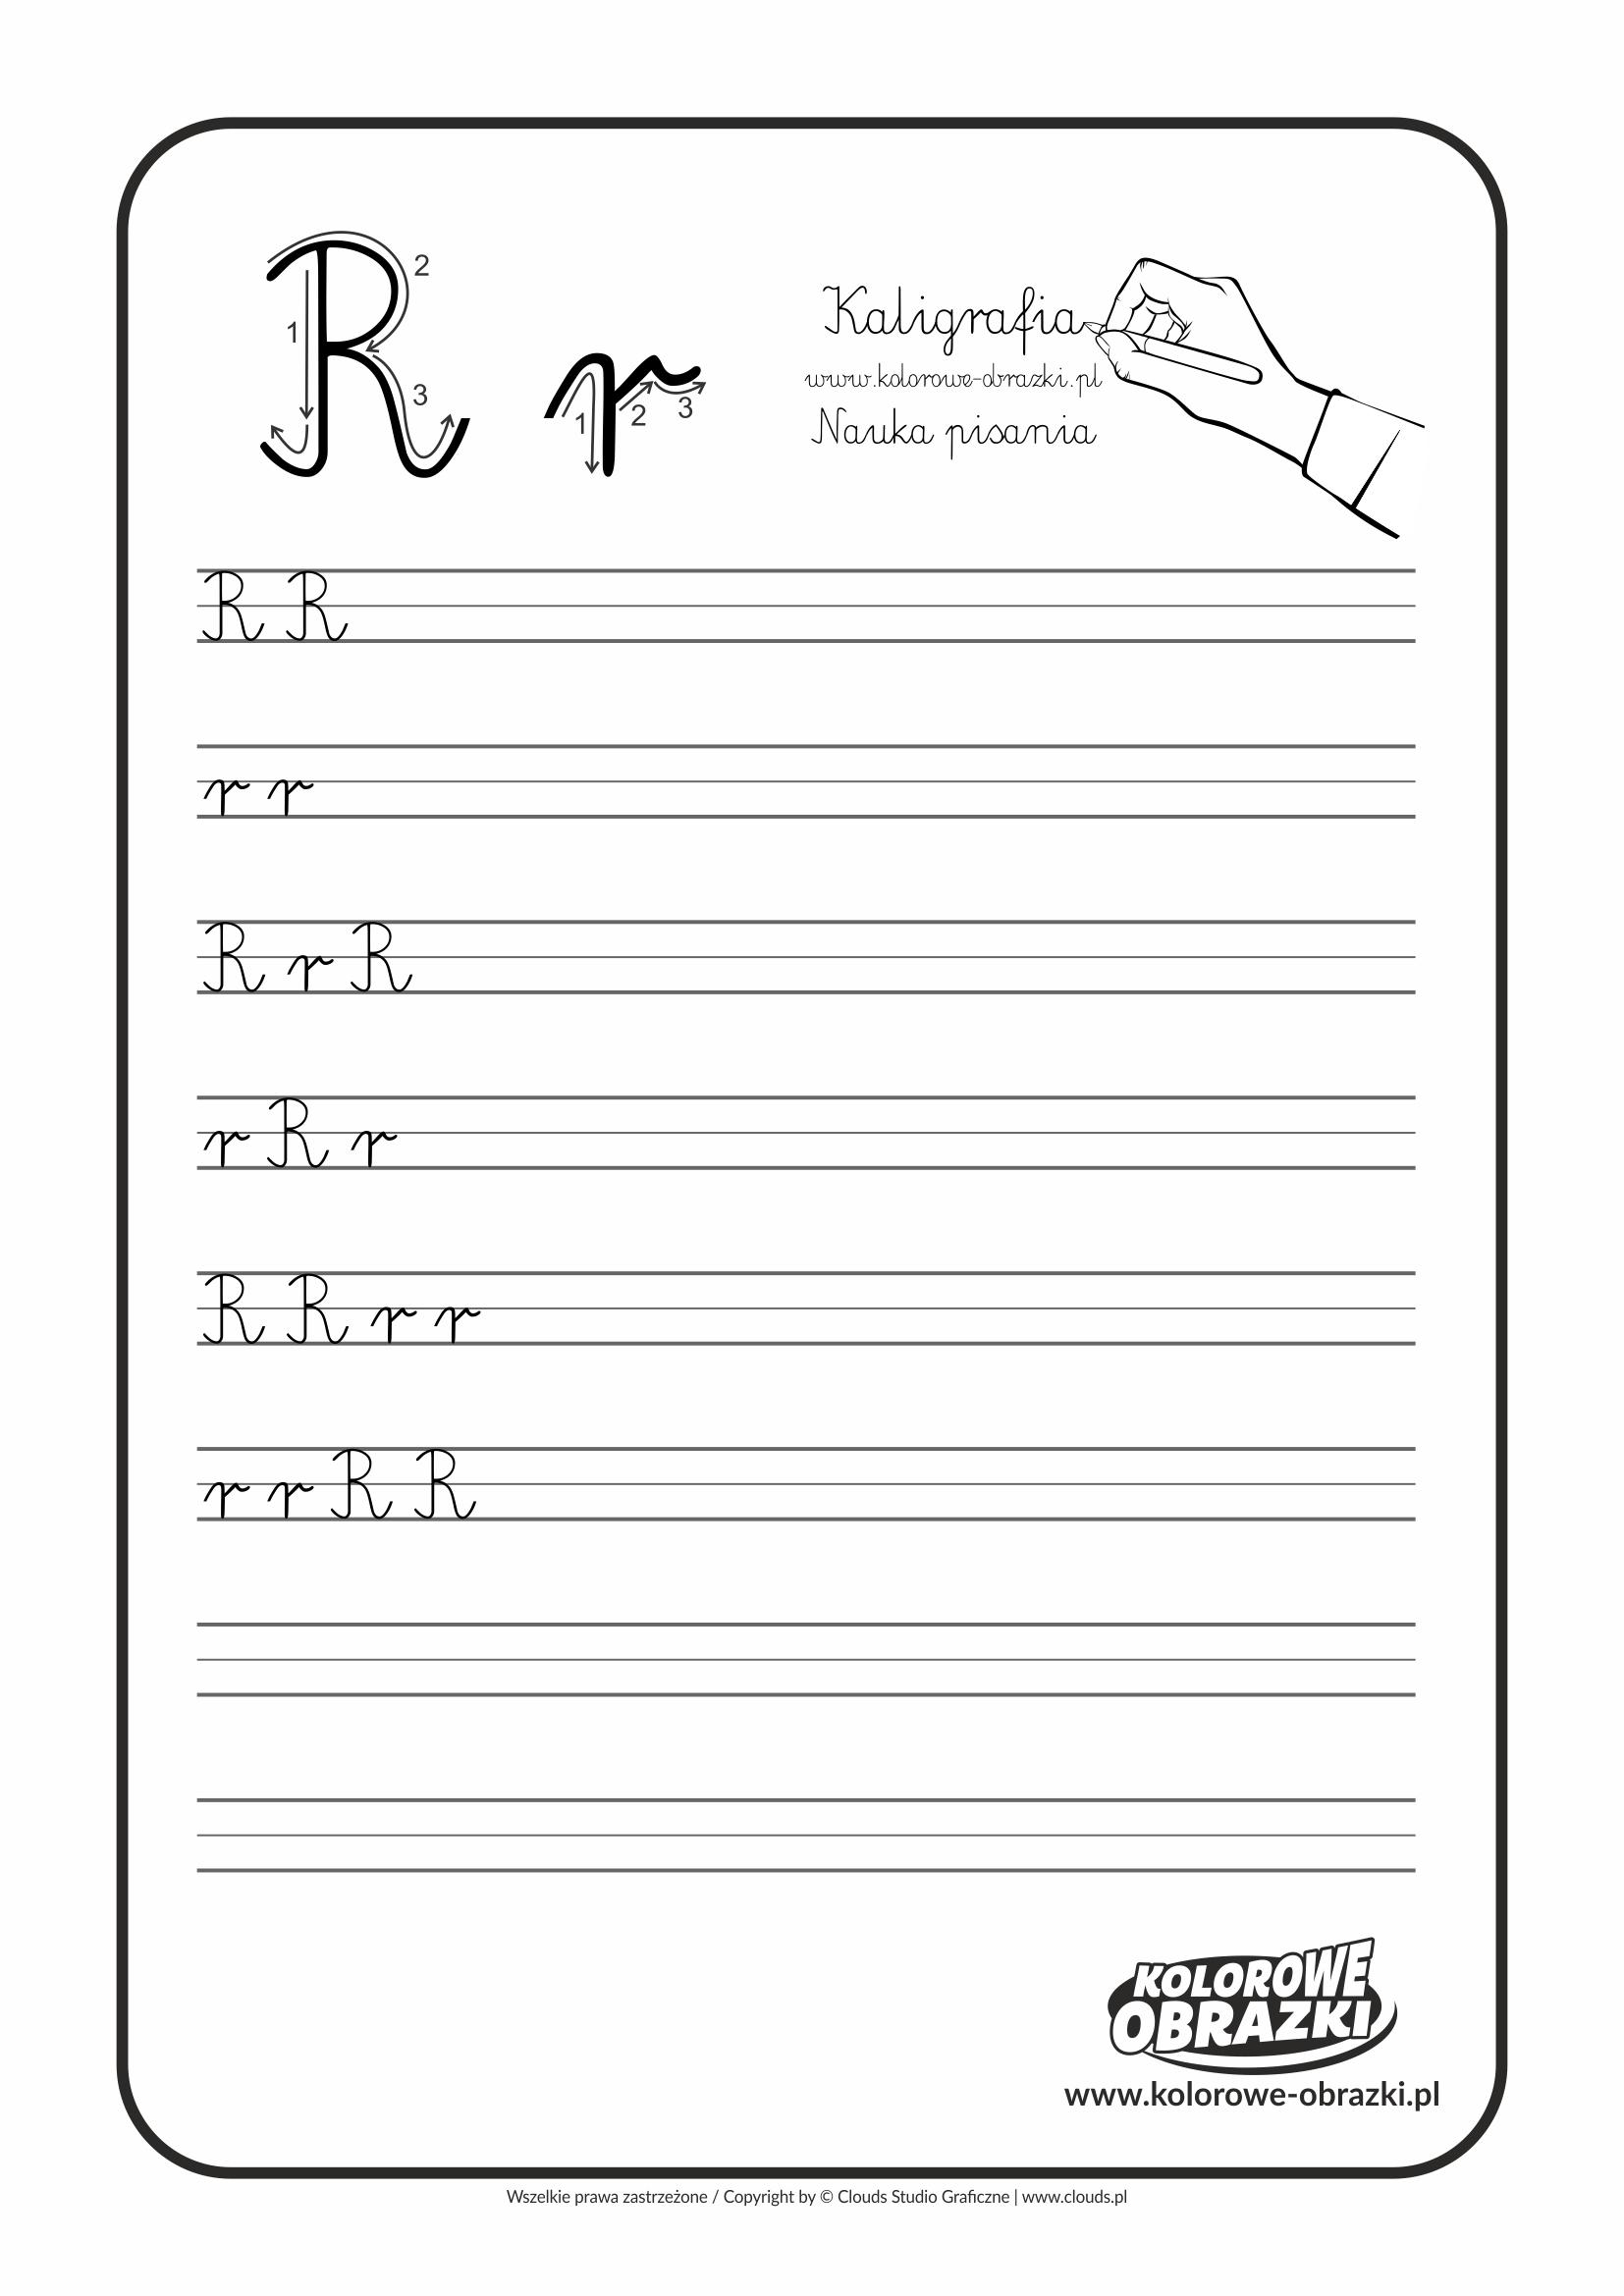 Kaligrafia dla dzieci - Ćwiczenia kaligraficzne / Litera R. Nauka pisania litery R